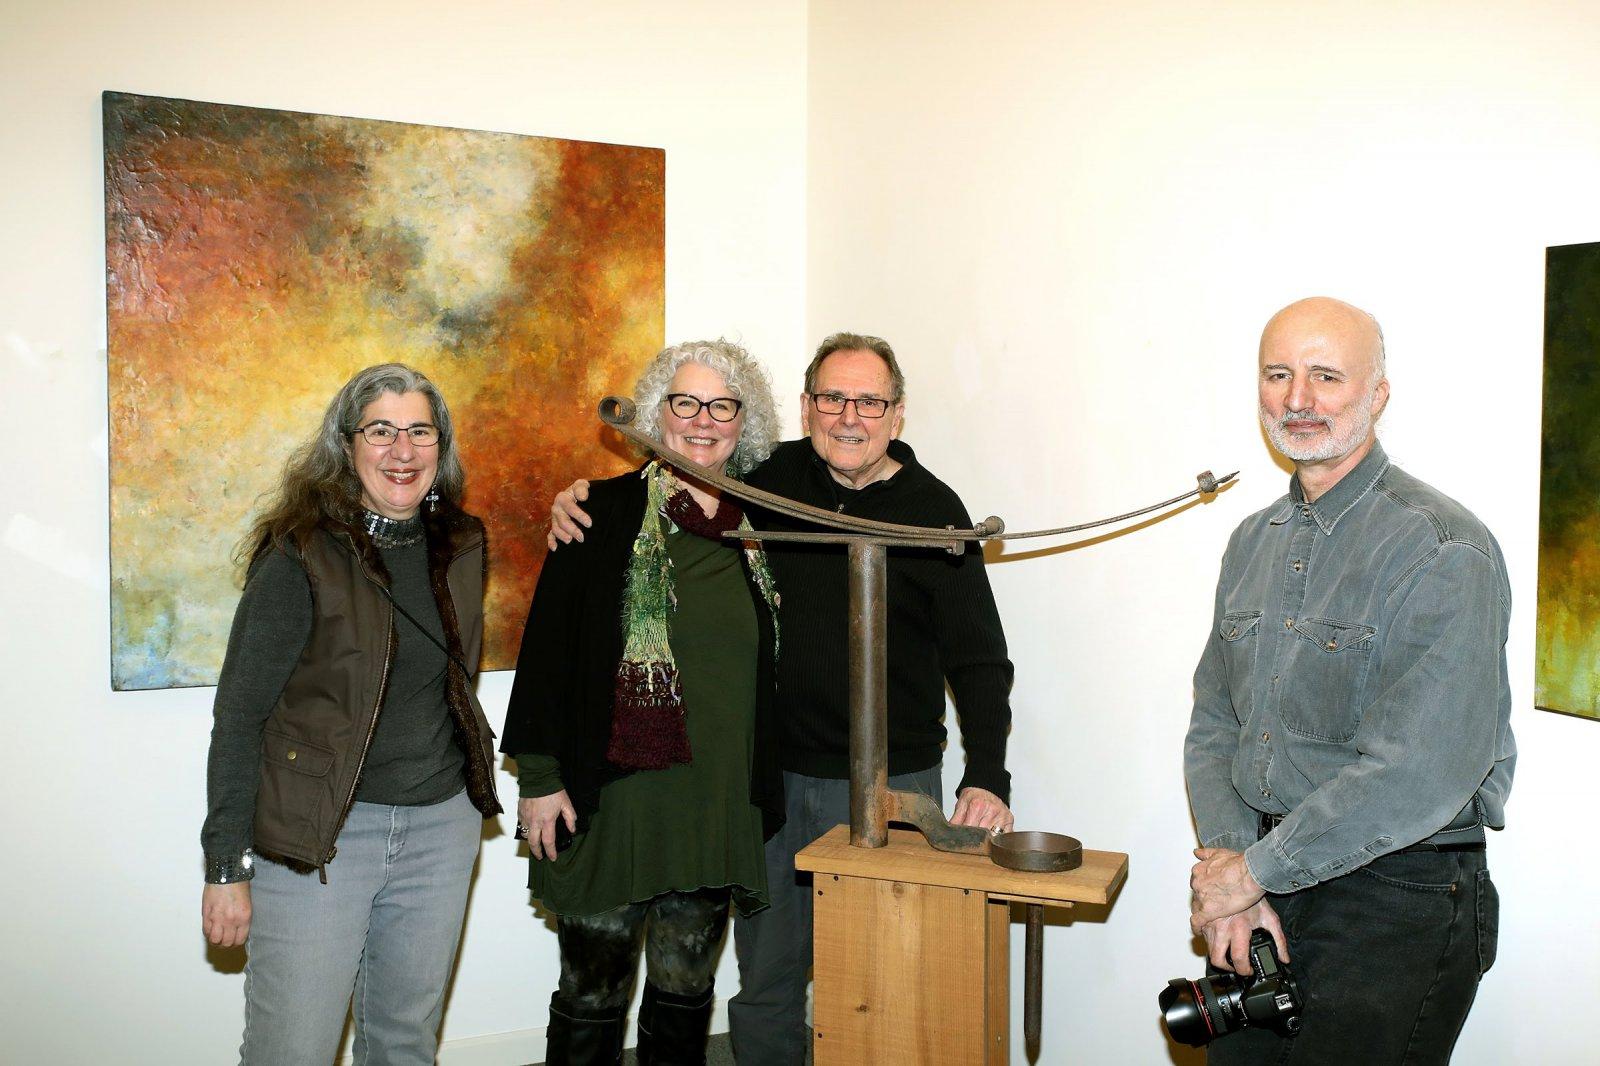 Artists Beth Sahagian Allsopp, Mary and Joe Mendla and Ed Sahagian Allsopp